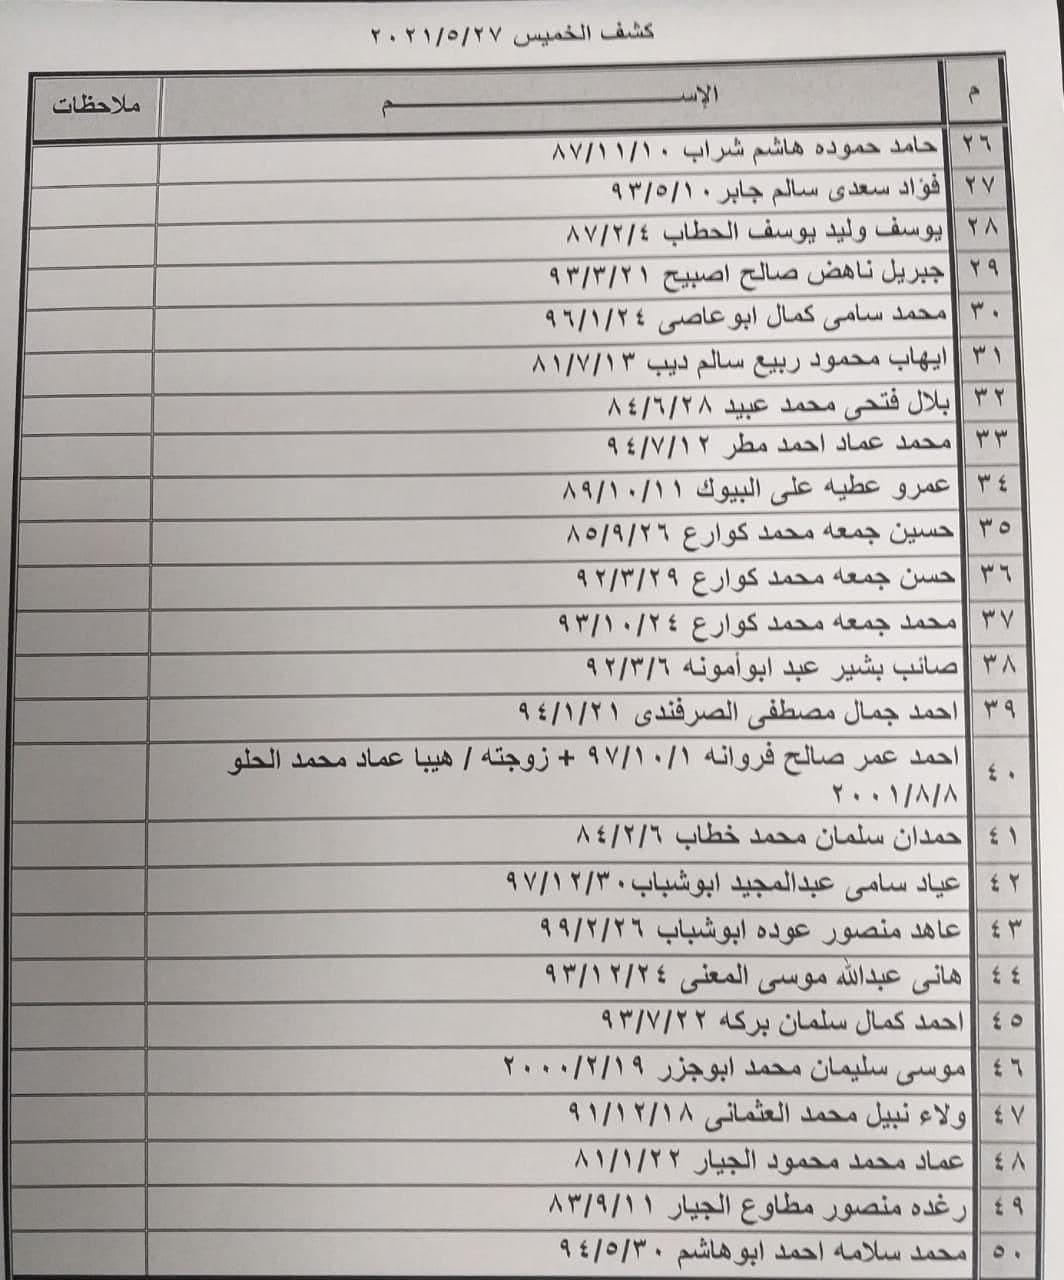 """داخلية غزة تنشر كشف """"تنسيقات مصرية"""" للسفر عبر معبر رفح يوم الخميس"""